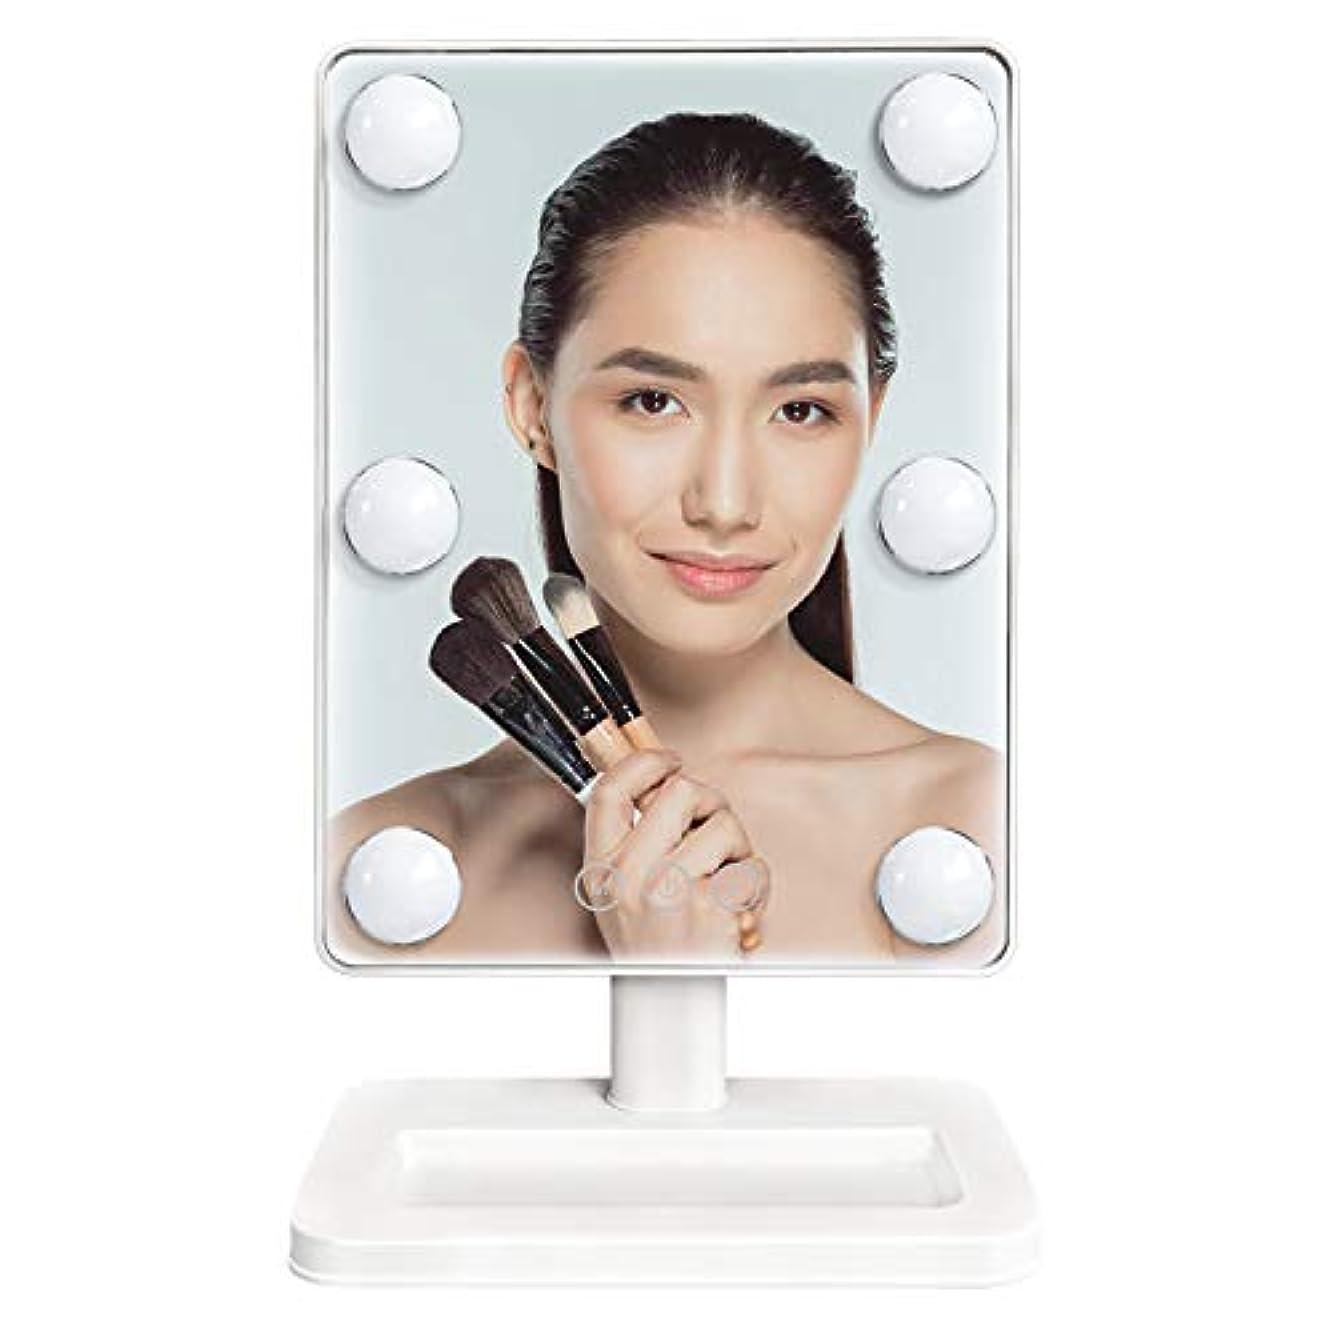 鏡 スタンドミラー 卓上ミラー led付き 女優ミラー 明るさ調節可能 電球が6個 化粧鏡 360°回転 3色調光ハリウッドミラー 電池&USB 2WAY給電 Luuhann (ホワイト)